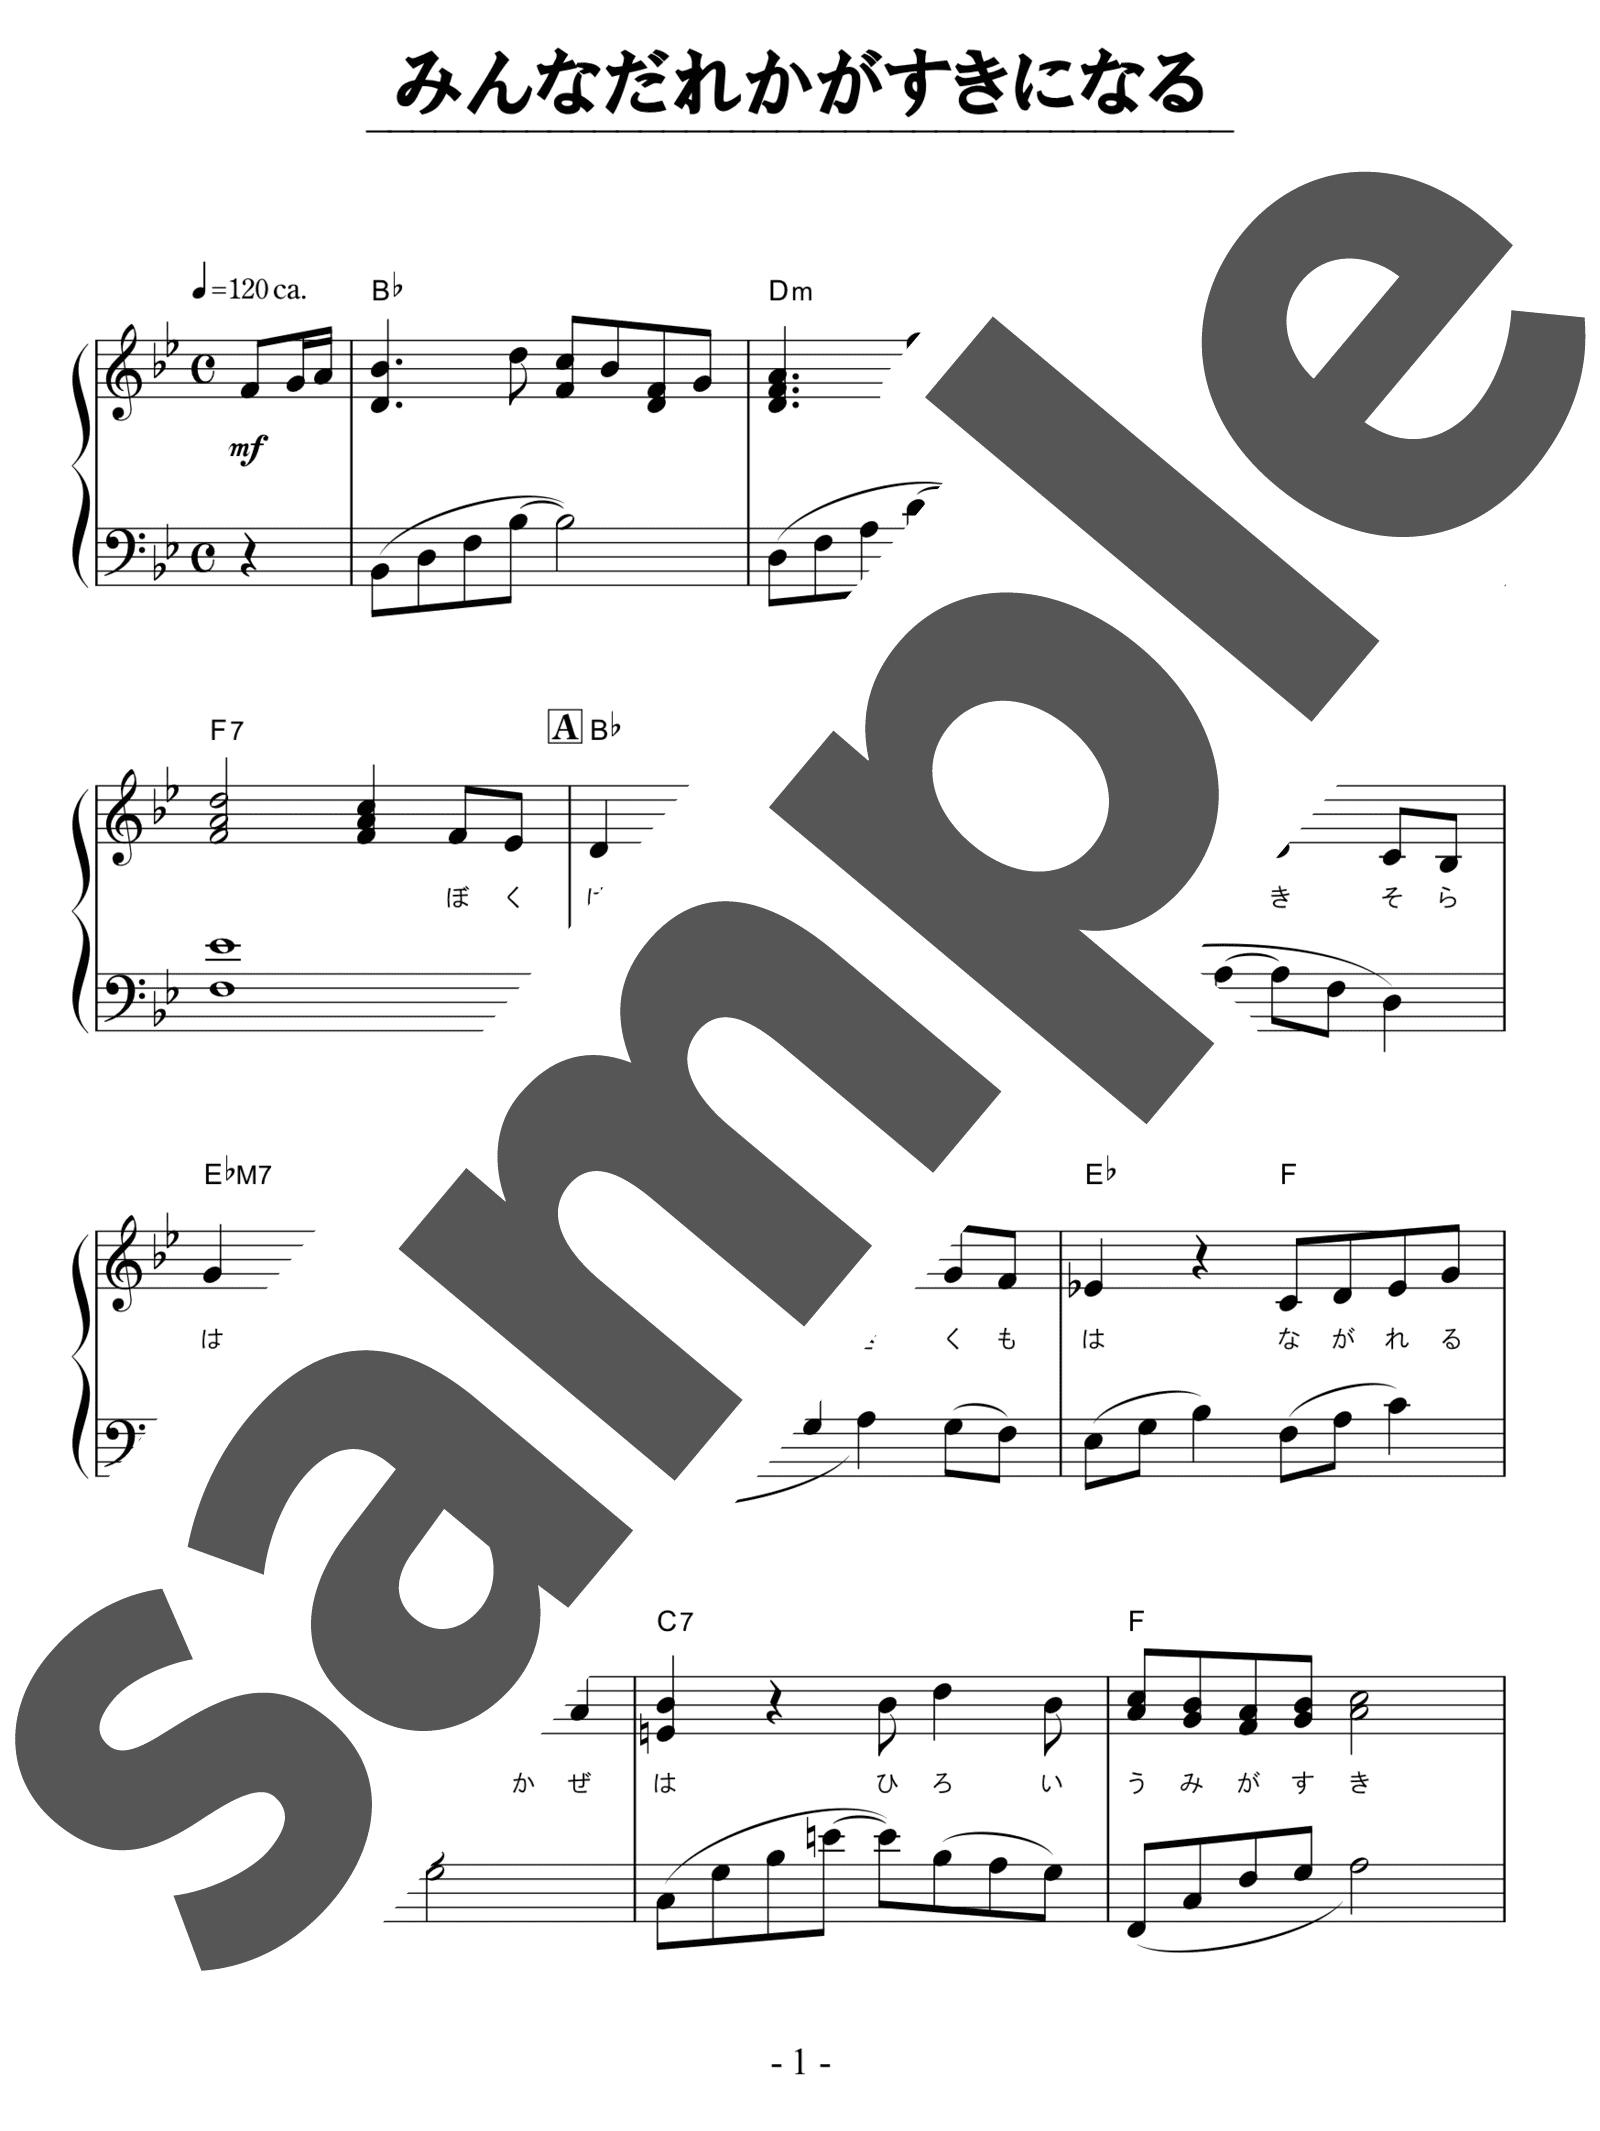 「みんなだれかがすきになる」のサンプル楽譜